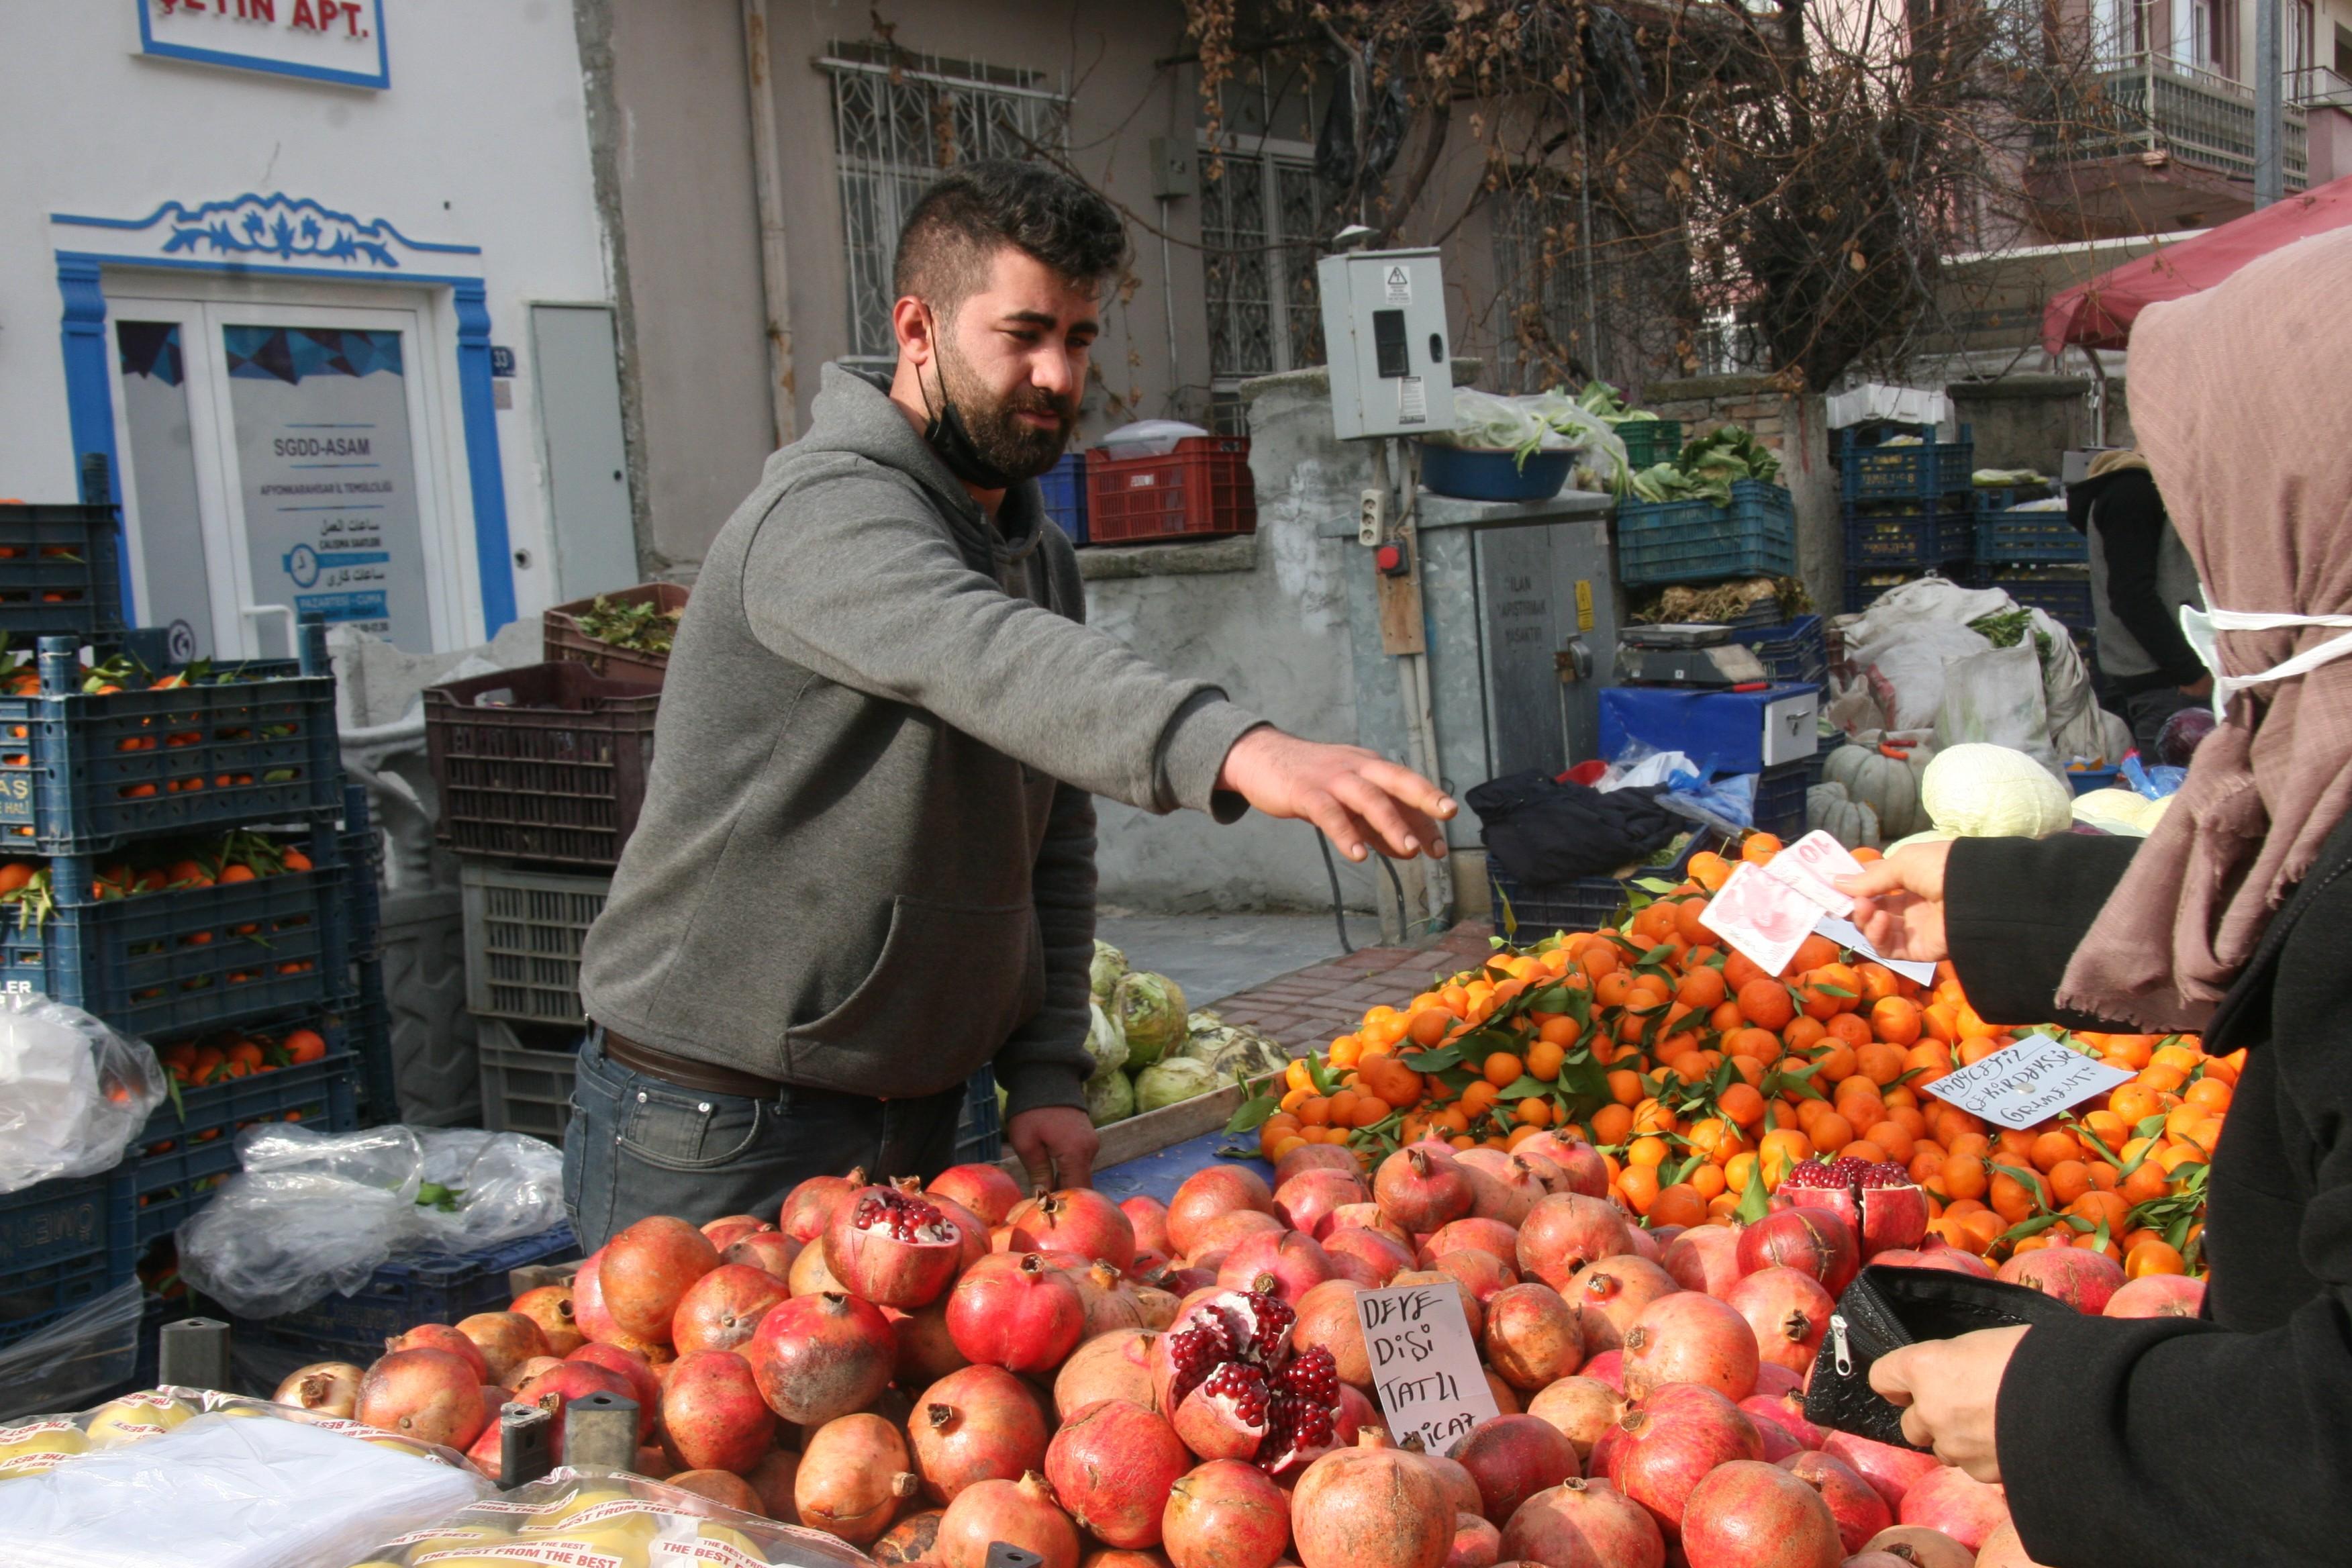 <p>Kış mevsiminde havaların sıcak gitmesi sebze ve meyve fiyatlarına olumlu yansıdı. Afyonkarahisar'daki pazarcı esnafı sıcak havanın ürün bolluğuna sebep olduğunu ve bunun da geçen yılın aynı dönemine göre birçok ürünün fiyatının yarı yarıya düşmesini beraberinde getirdiğini belirttiler.</p> <p></p> <p>Kentte kurulan semt pazarlarında kış mevsimi olmasına rağmen birçok ürün fiyatları ile vatandaşın yüzünü güldürdü. Pazarcı esnafı mevsim normallerinin üzerinde seyreden sıcaklıklarının ürün bolluğunu da beraberinde getirdiğini vurgulayarak ve bunun da fiyatlara olumlu yansıdığını ifade ettiler. Pazarcı esnafı alışveriş noktasında vatandaşları marketlerden ziyade pazar ve manavlara davet ederken, fiyatların her bütçeye uygun olduğunu dile getirdiler.</p> <p></p> <p>Pazarda geçtiğimiz yıl kilogram fiyatı 10 TL'ye kadar yükselerek adeta rekor kıran kuru soğan ve patatesin bu yıl aynı dönemde kilosunun 1,5 TL'den satılması ile şaşkınlığa neden oldu. Bununla birlikte geçen yıl aynı dönemde fiyatı 12 TL'den satılan patlıcanın bu yıl ise kilosunun 5-6 TL olması da vatandaşların yüzünü güldürdü.</p> <p></p> <p>Pazarda en çok satılan ürünlerden mandalinanın ve elmanın kilogram fiyatının 3-4 TL, portakal 3 TL, ıspanak ve pırasa 5 TL, patates ve soğan 1,5-3 TL'den satıldığı gözlendi. Pazarda tezgâhlarda en yüksek fiyattan satılan ürünün ise kilogram fiyatı 8-10 TL arasında değişen muz olduğu belirtildi.</p>